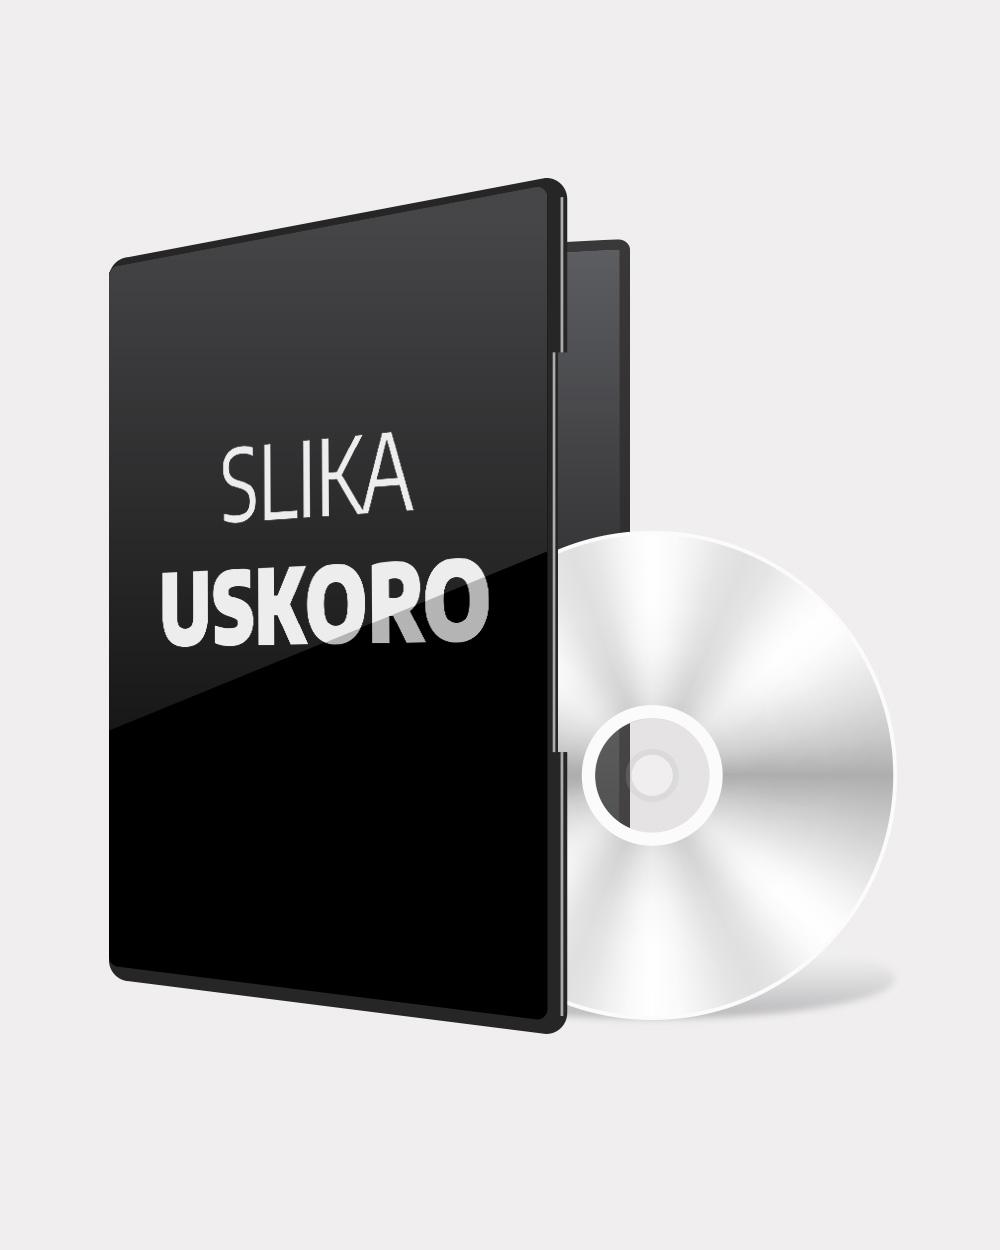 Gejmerski miš Redragon Phoenix 2 M702 RGB